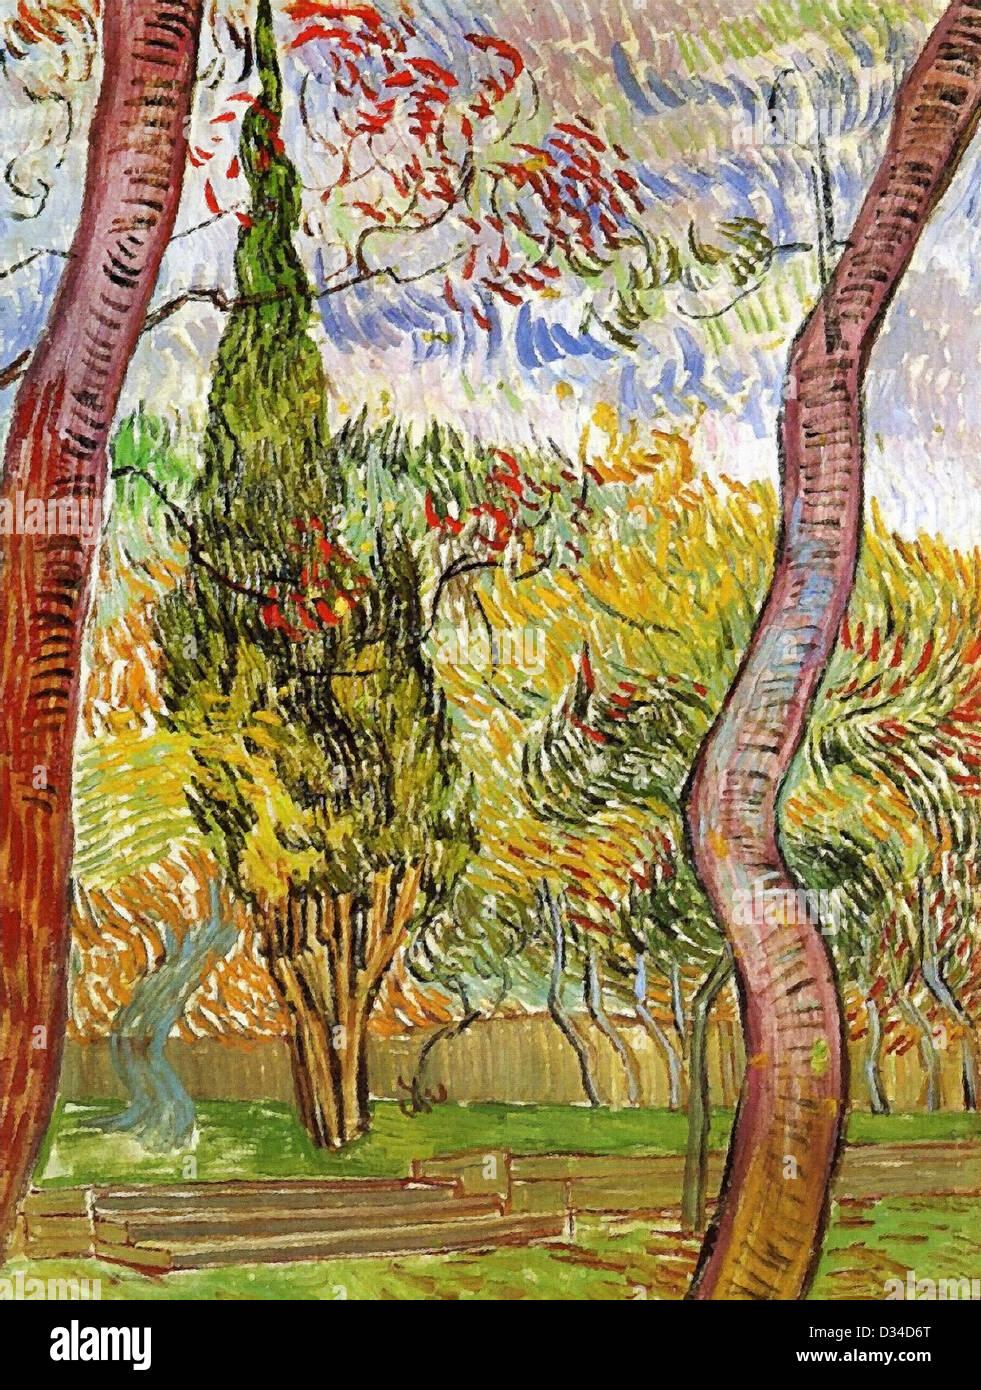 Vincent Van Gogh, der Garten von Saint-Paul-Hospital. 1889. Post-Impressionismus. Öl auf Leinwand. Stockbild